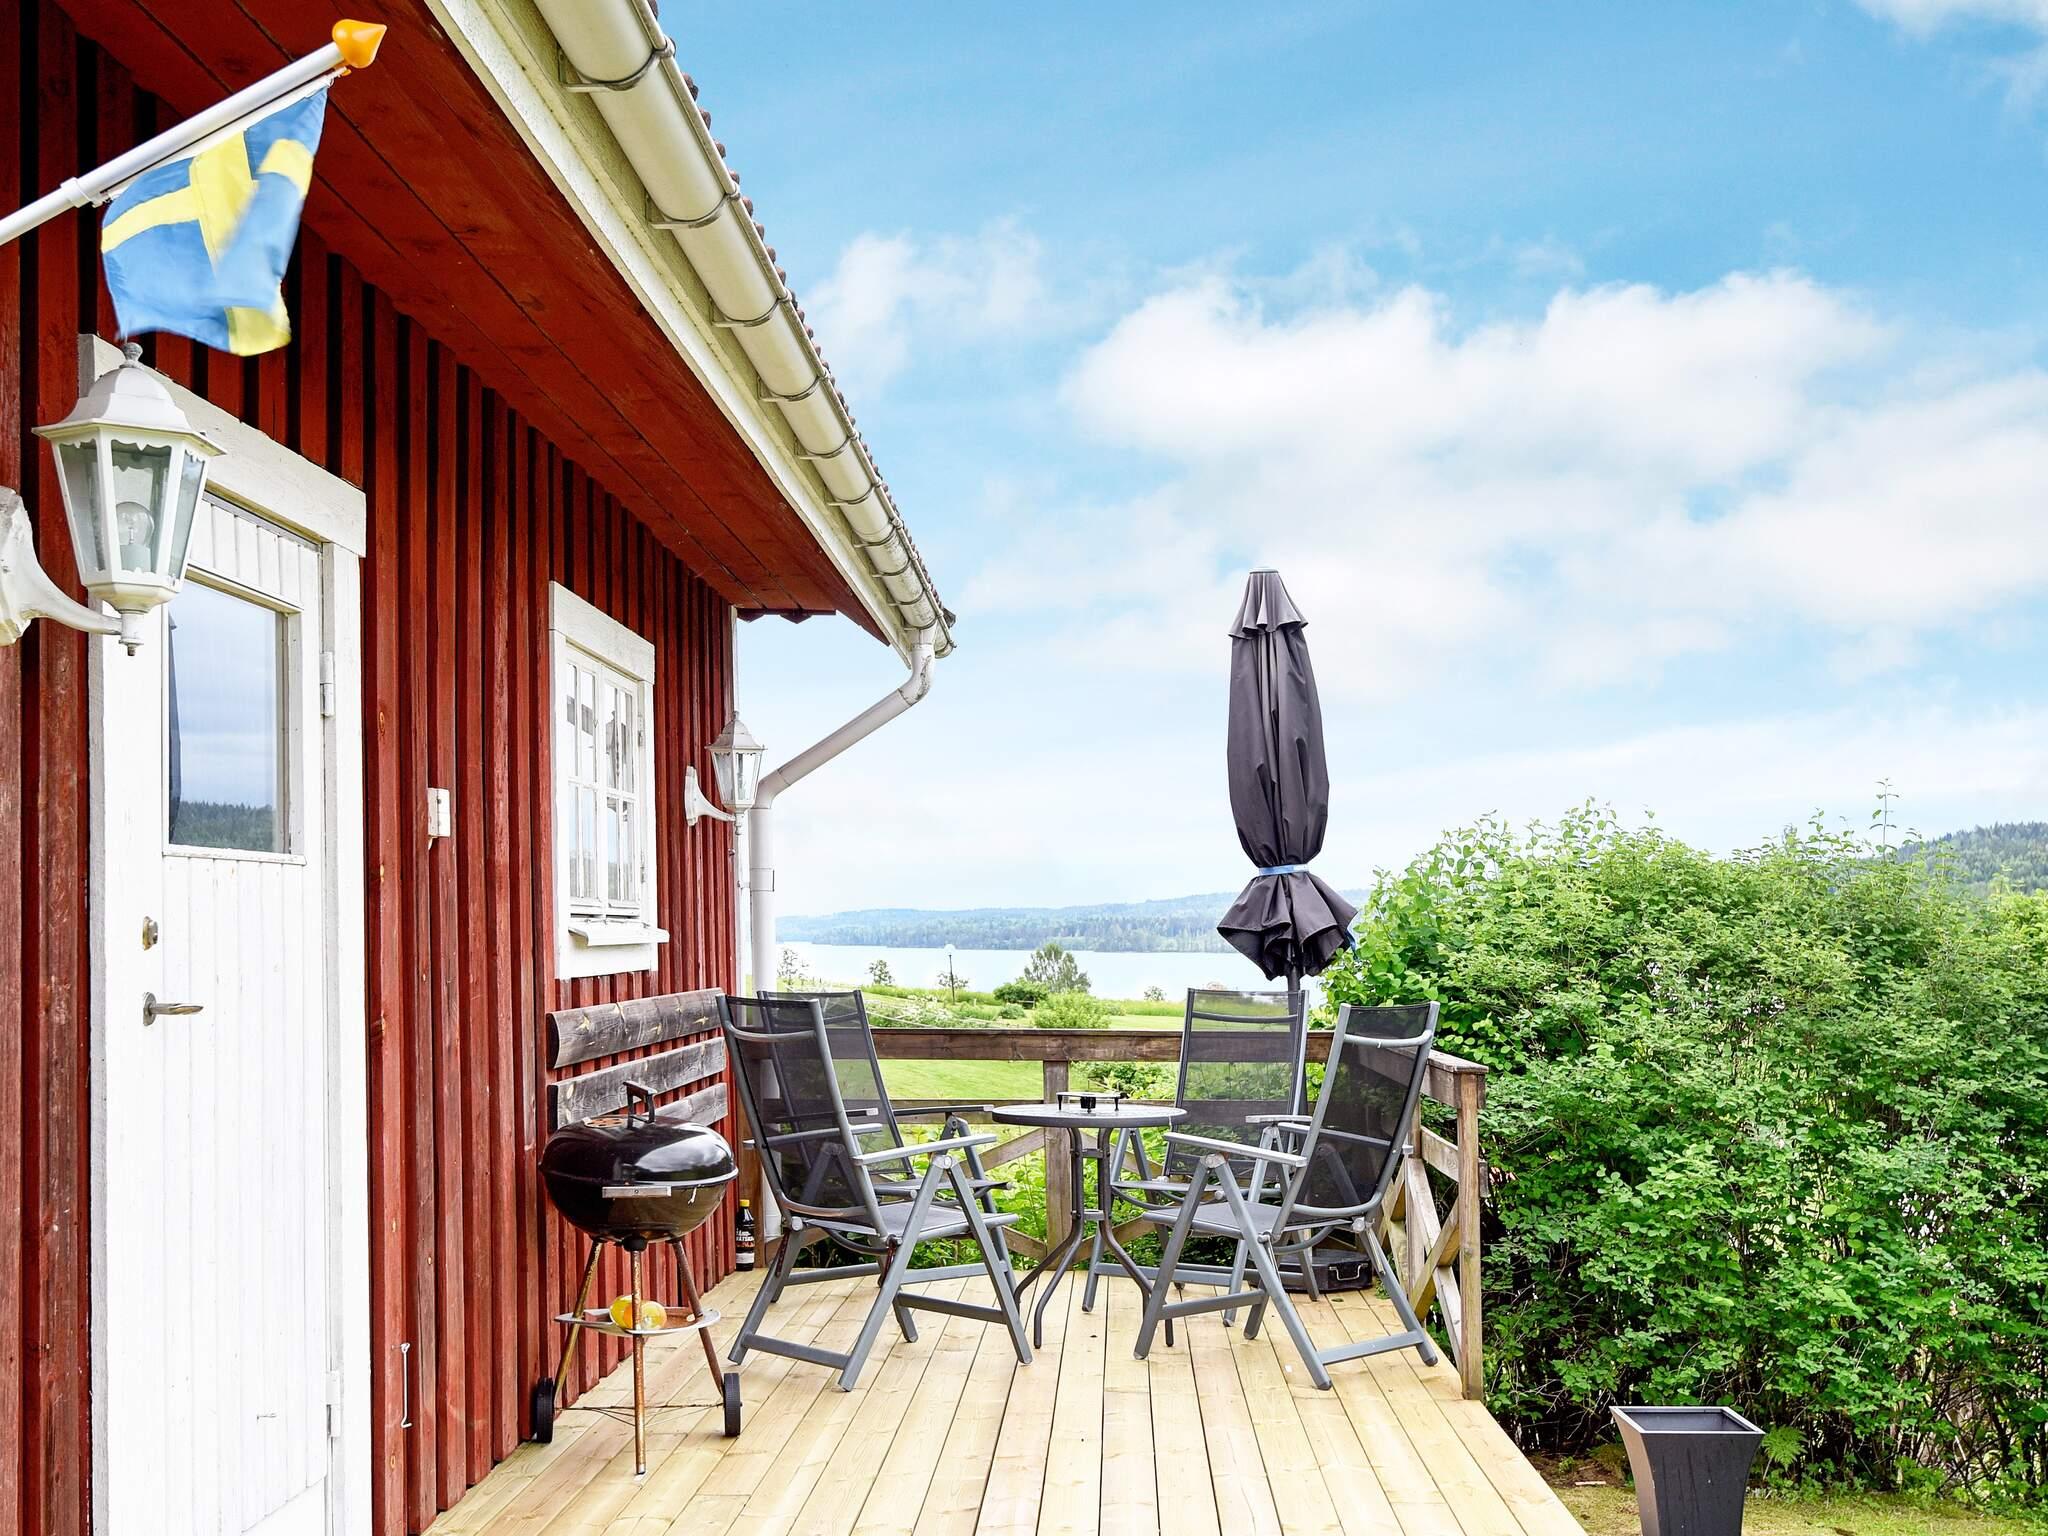 Ferienhaus Årjäng (2636838), Årjäng, Värmlands län, Mittelschweden, Schweden, Bild 1